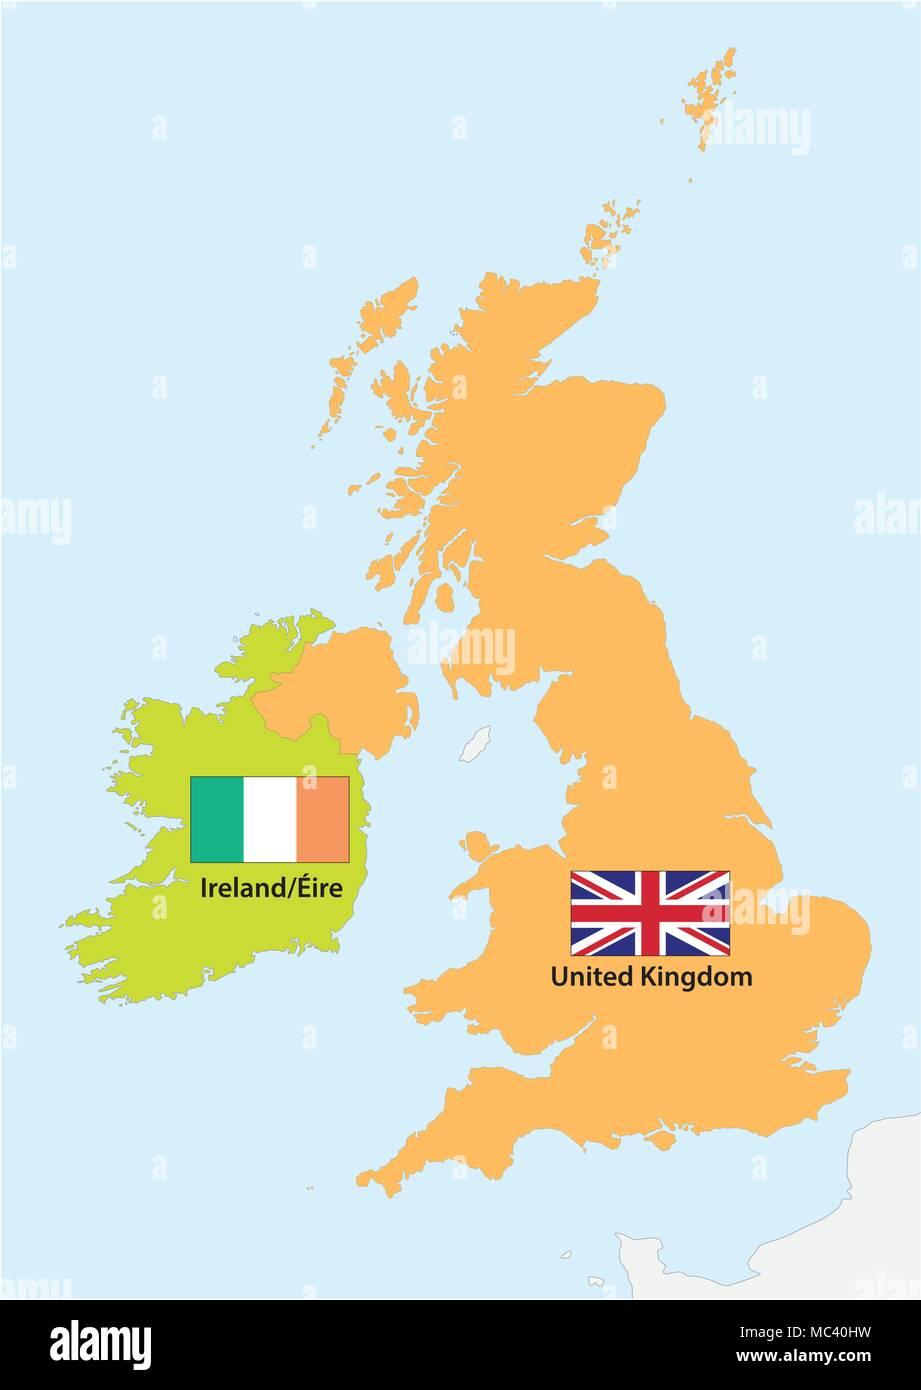 Esquema simple mapa de vectores de Irlanda y Reino Unido con bandera Imagen De Stock